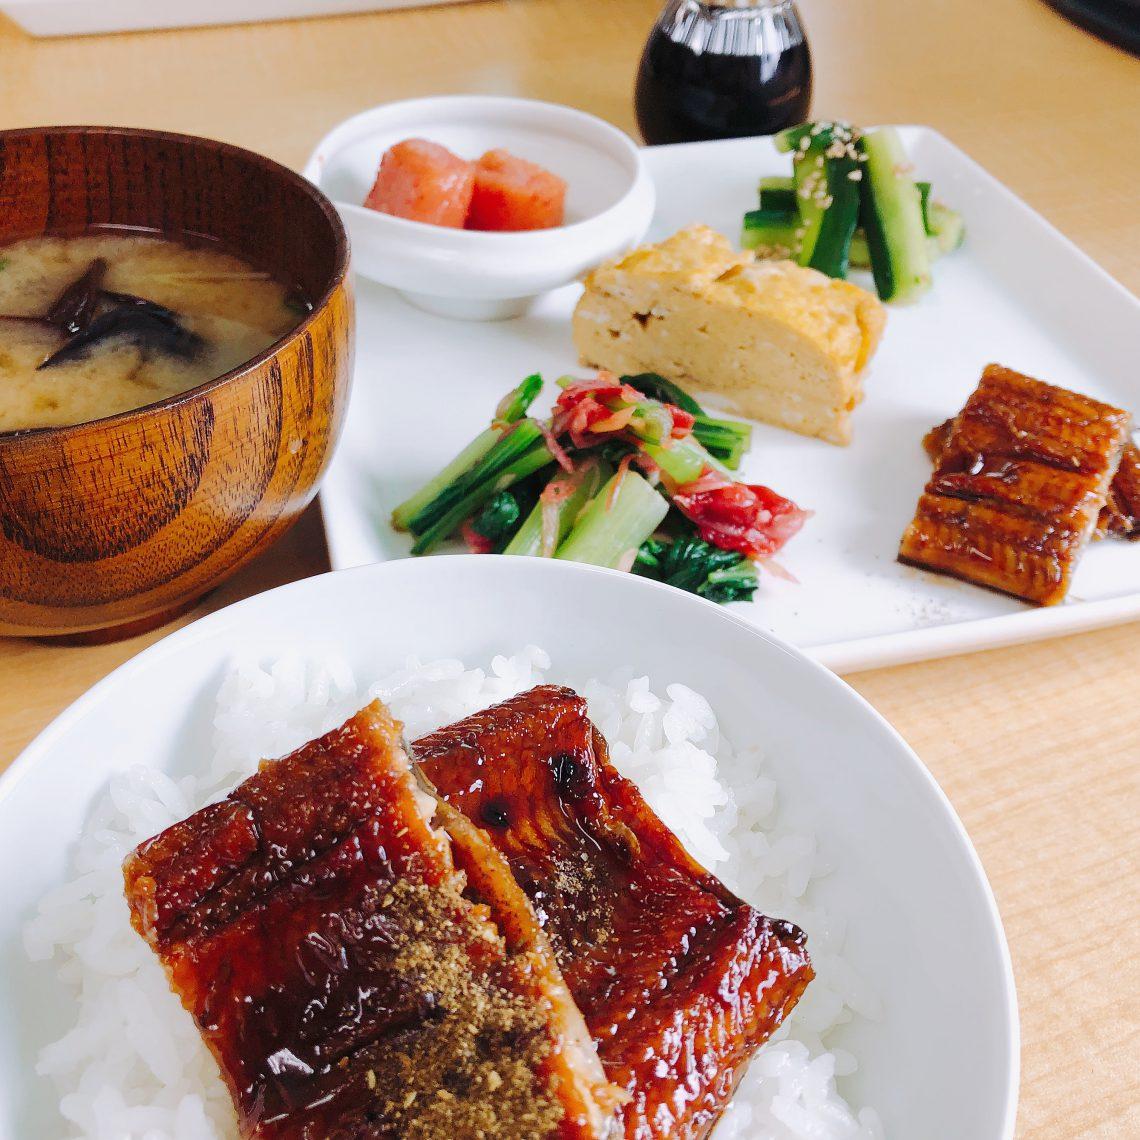 鹿児島の不定期社食・月曜食堂 副菜の考え方